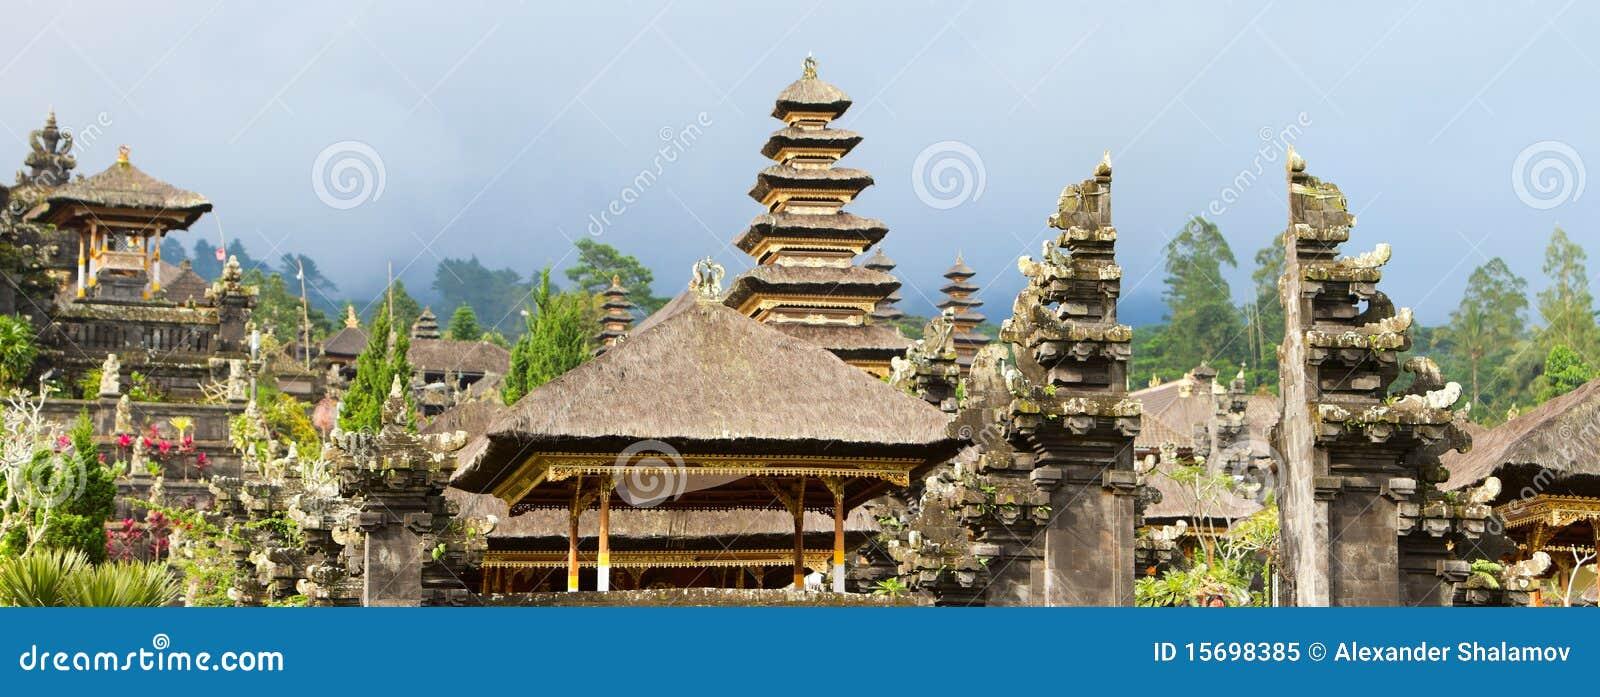 Besakih复杂全景照片寺庙